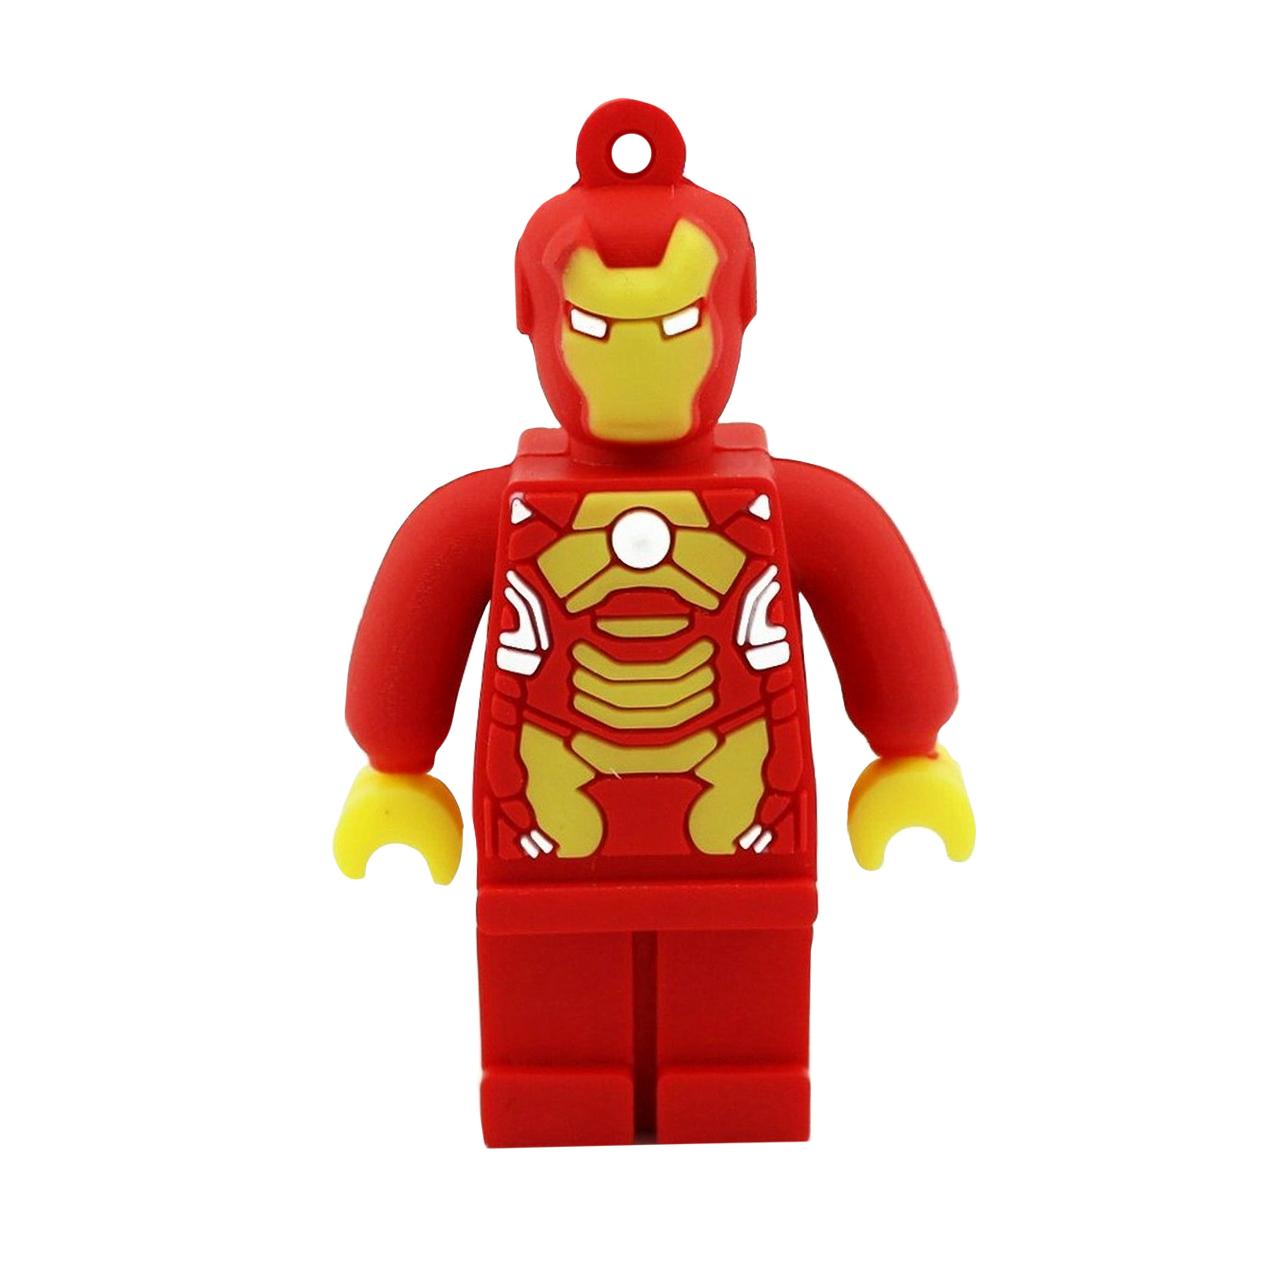 بررسی و {خرید با تخفیف} فلش مموری طرح Lego Ironman مدل DPL1166 ظرفیت 64 گیگابایت اصل